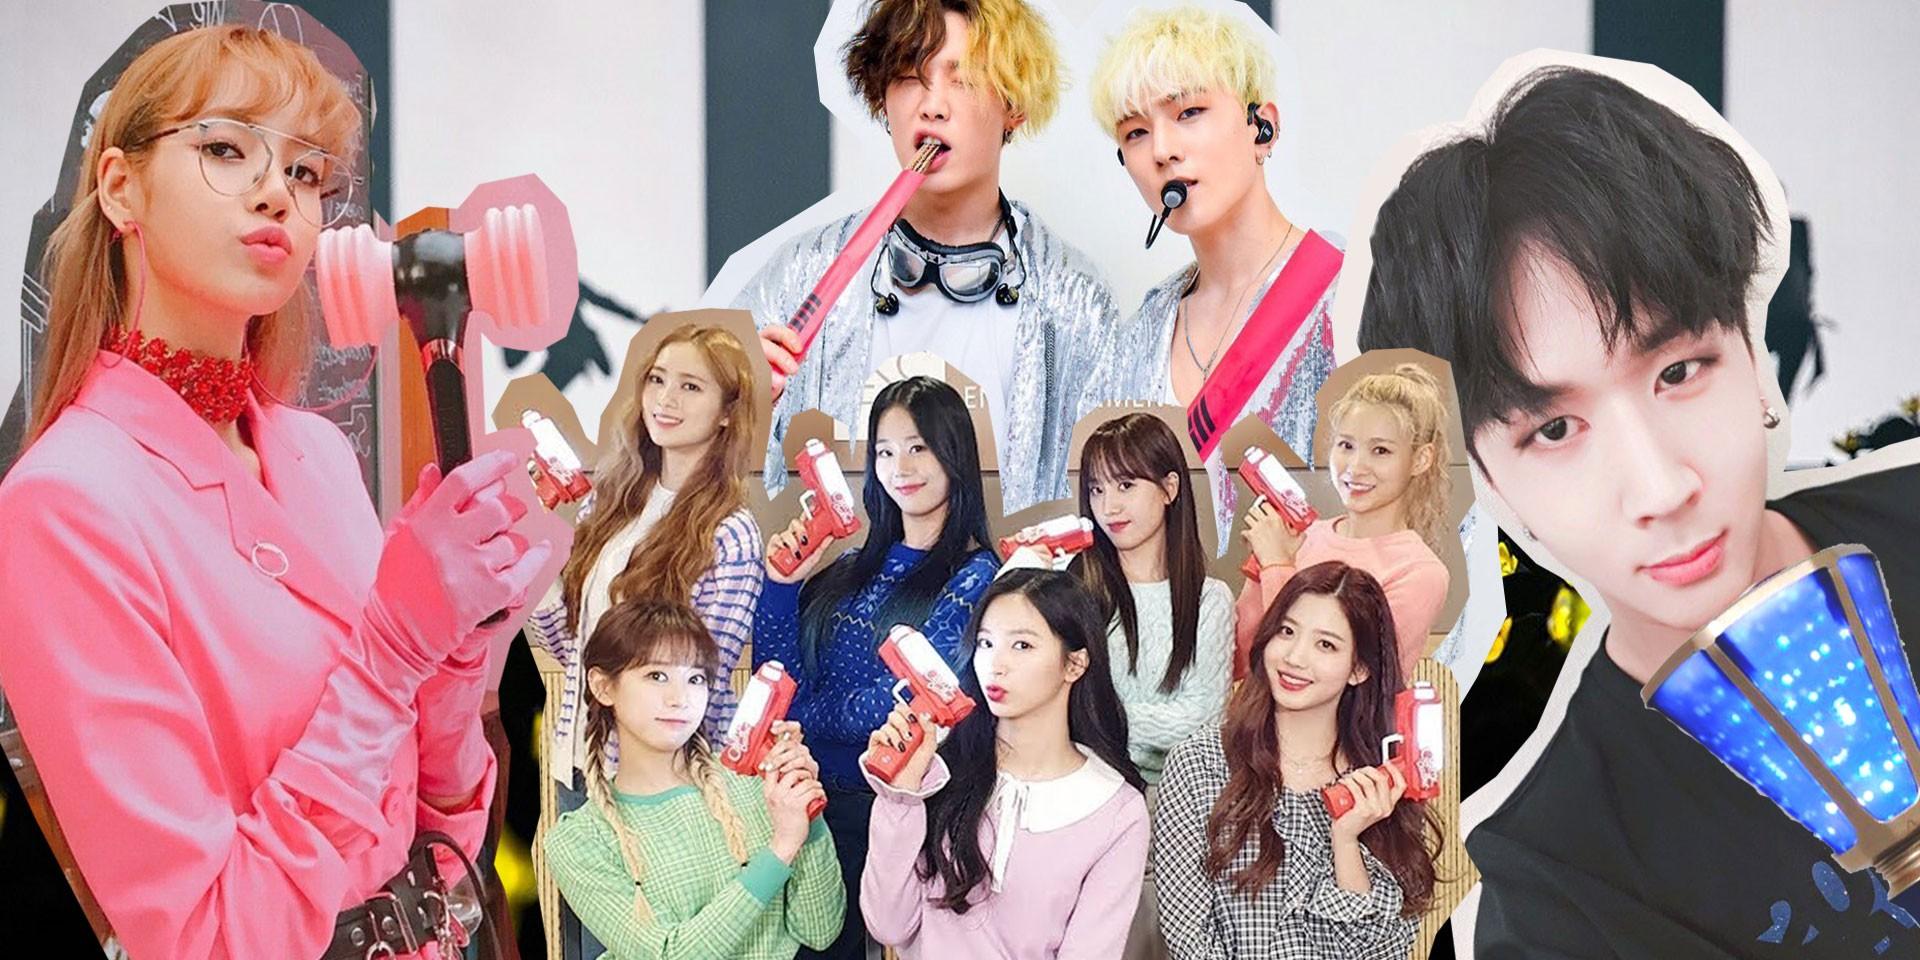 10 unique K-pop fandom lightsticks: BLACKPINK, Big Bang, DAY6, and more